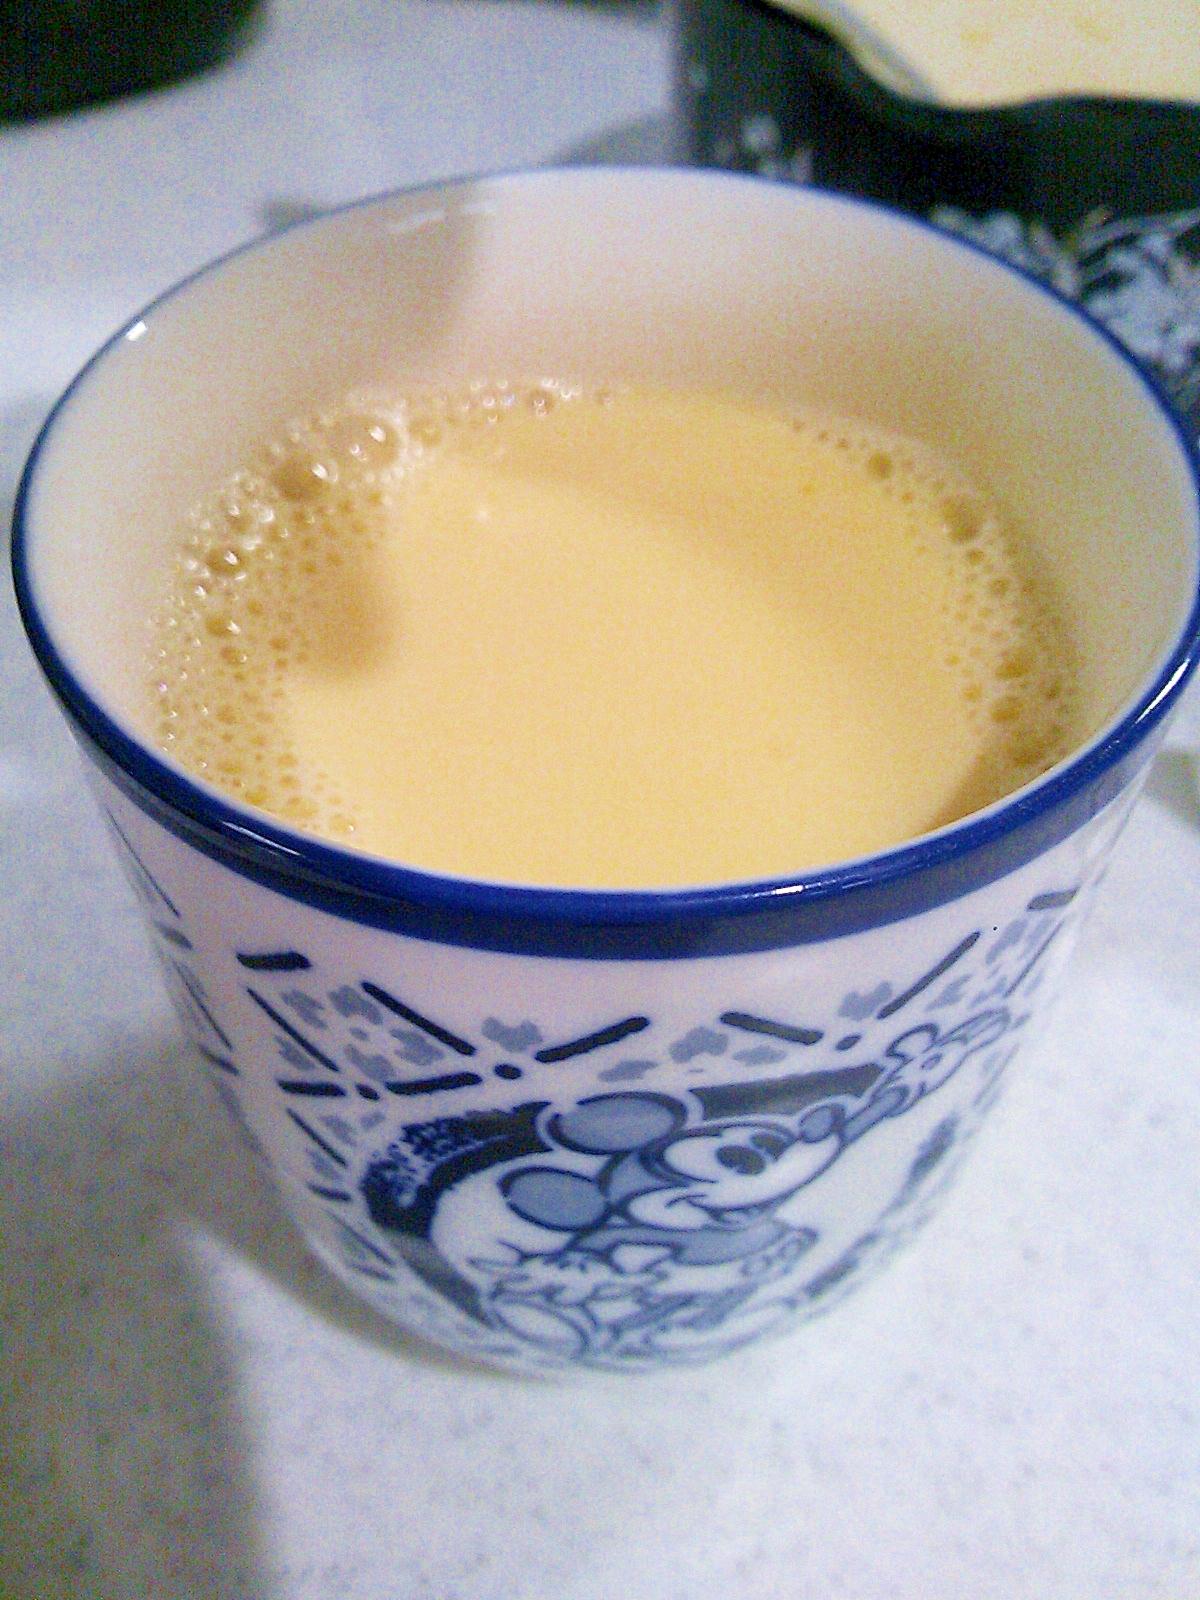 【糖質制限】低糖質な無調整豆乳でエッグノッグ